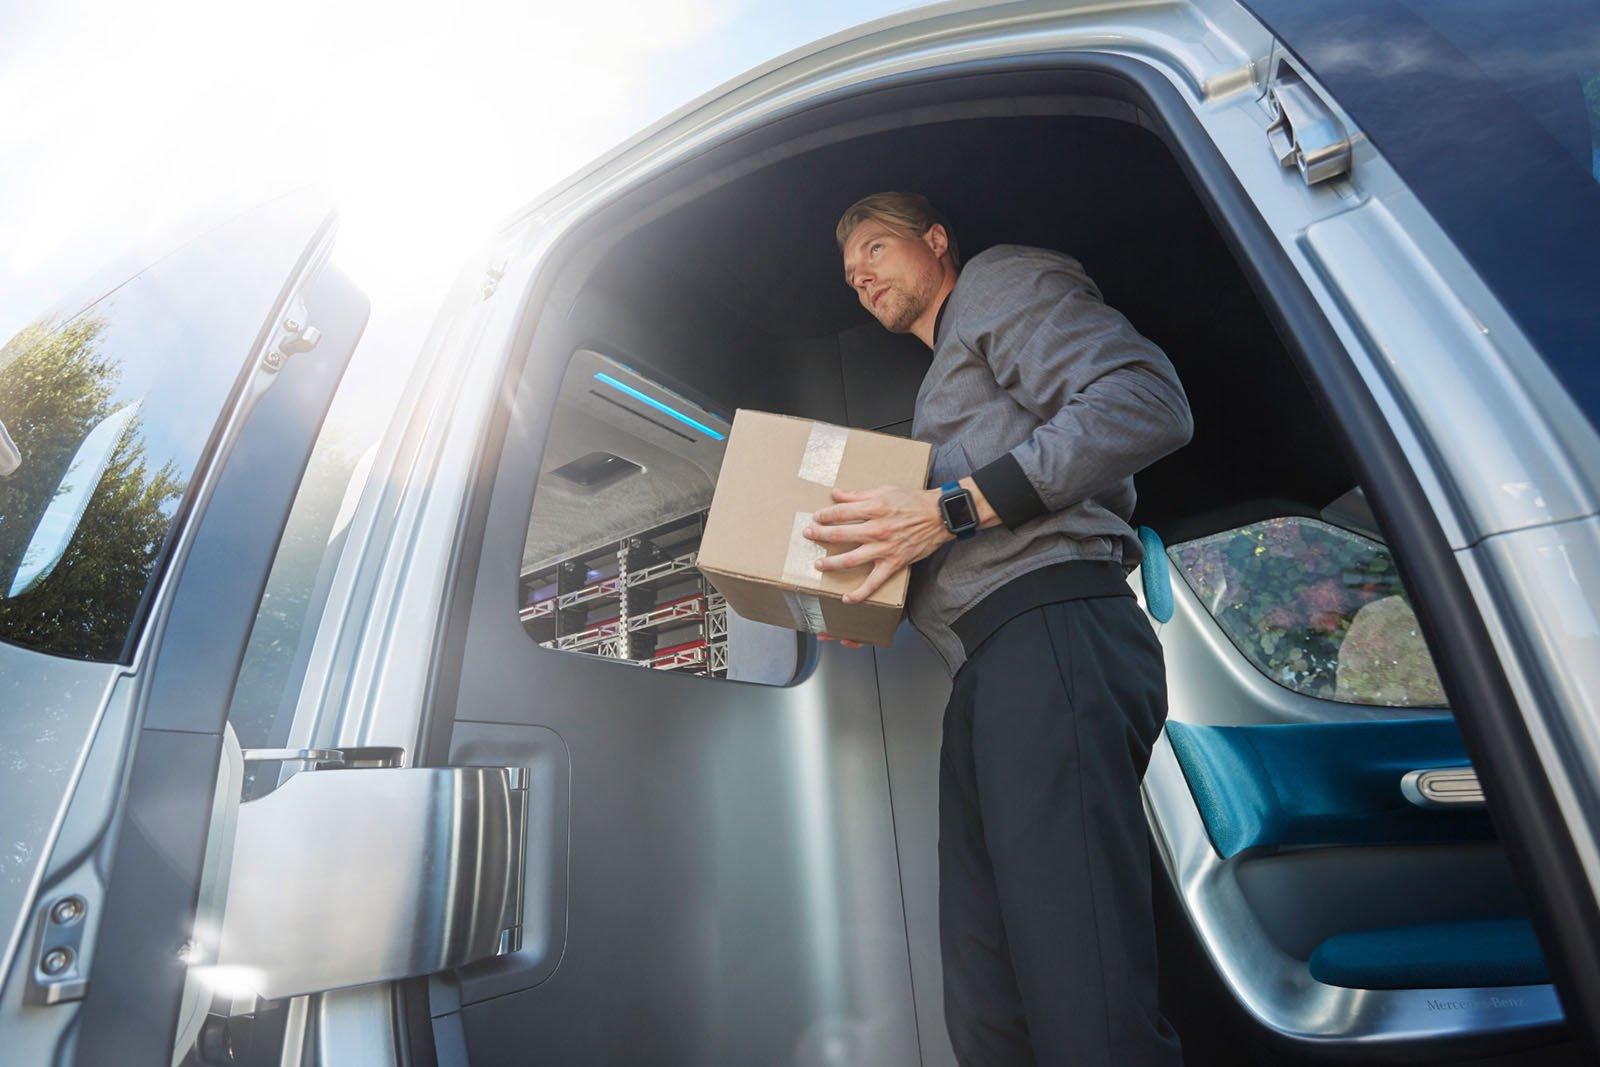 Föraren får enkelt rätt paket när denne anländer till kunden.